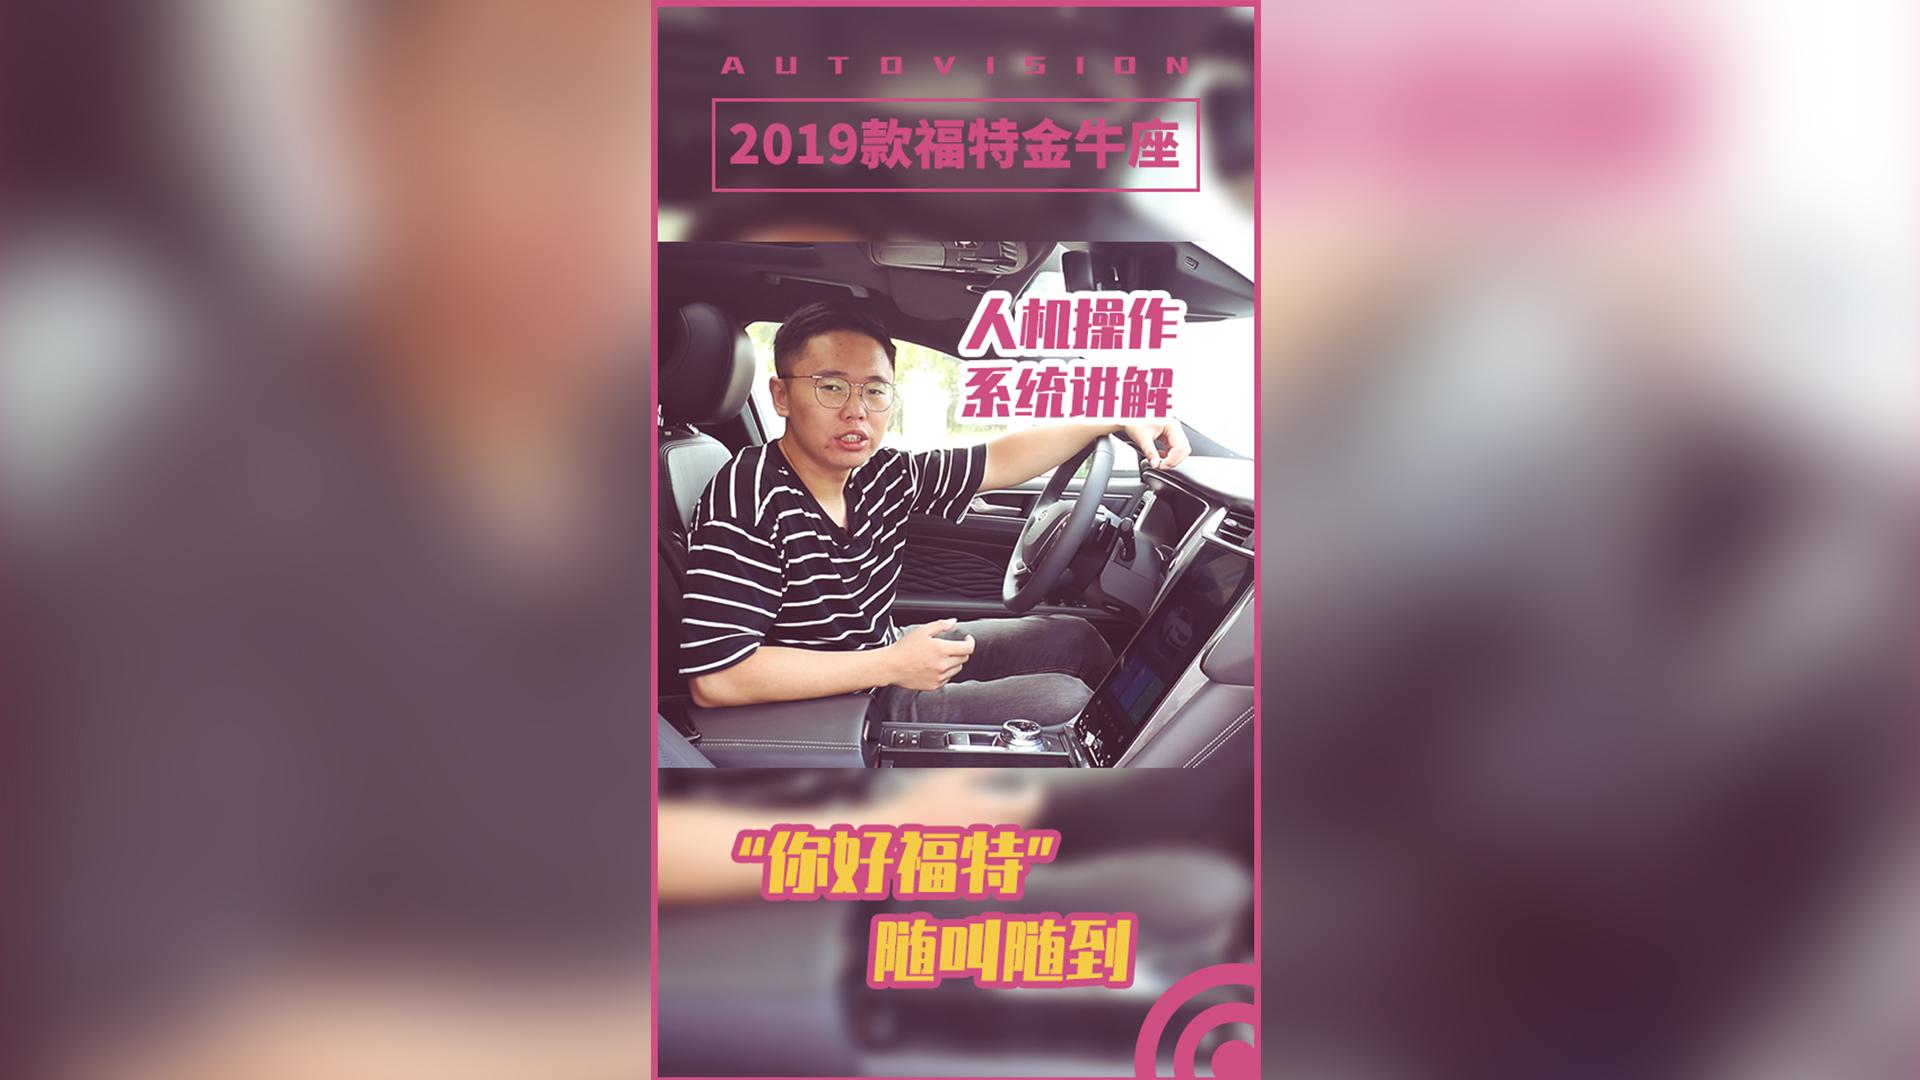 """2019款福特金牛座人机操作系统讲解,""""你好福特""""随叫随到"""